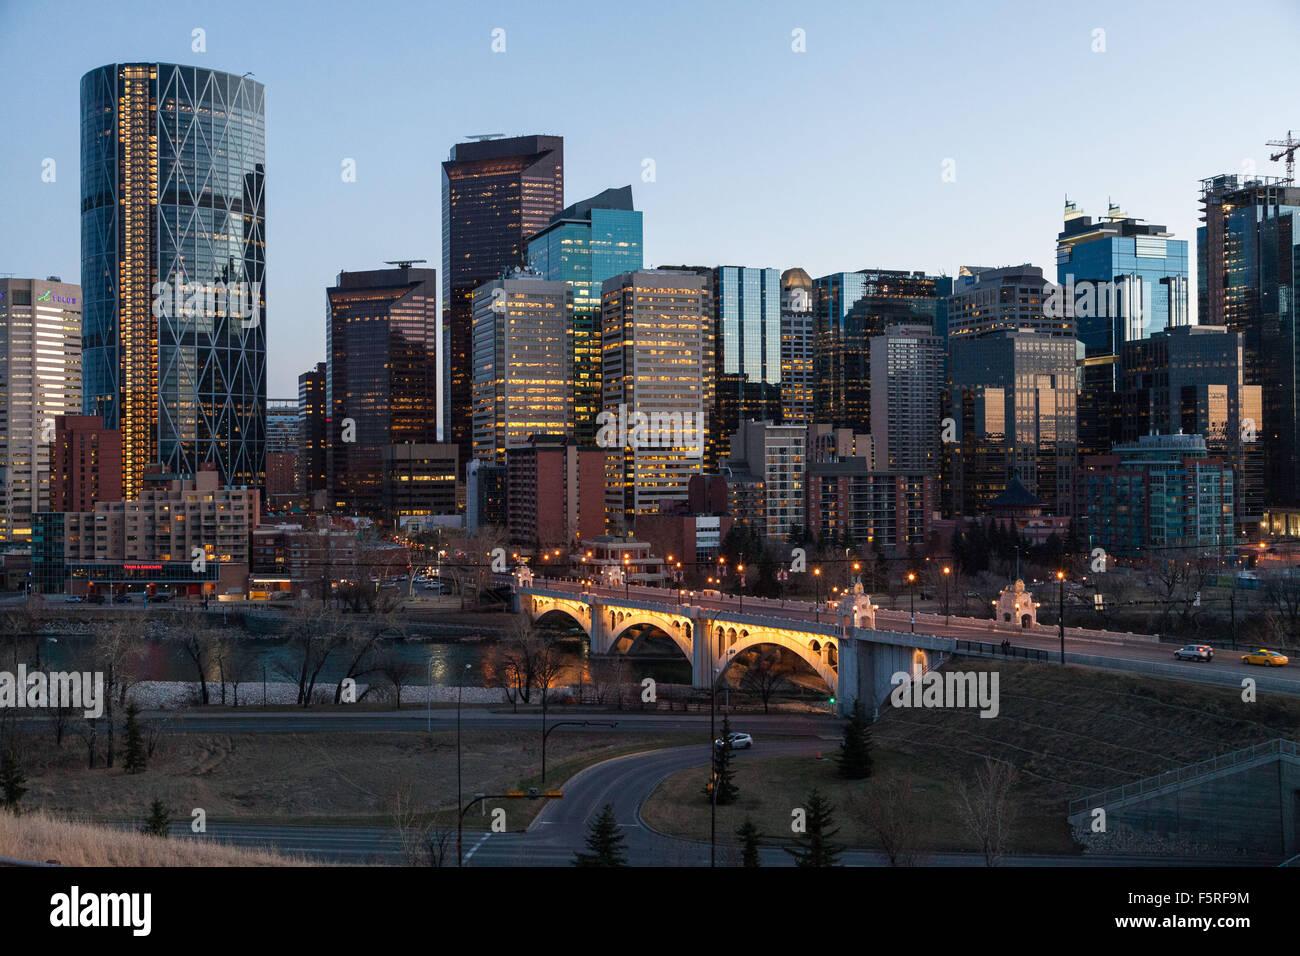 Centro di Calgary, cityscape, mattino urban skyline. Immagini Stock